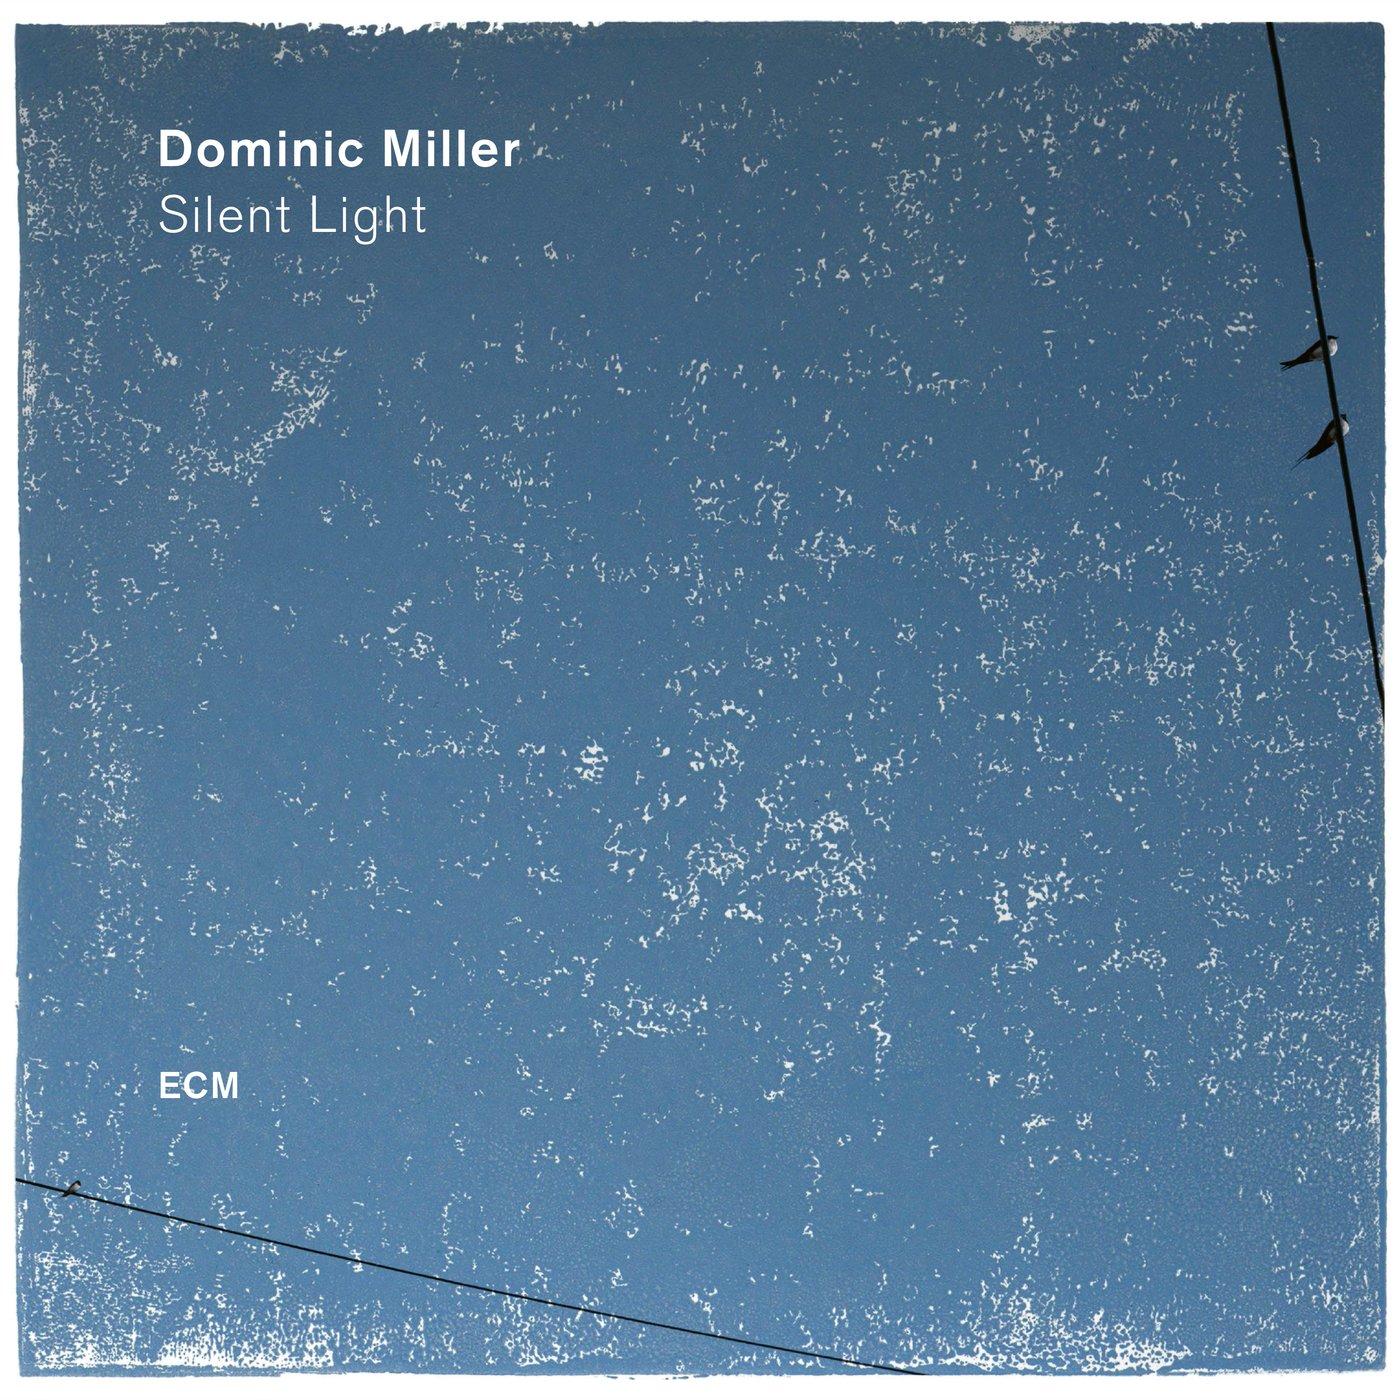 CD : Dominic Miller - Silent Light (cd)